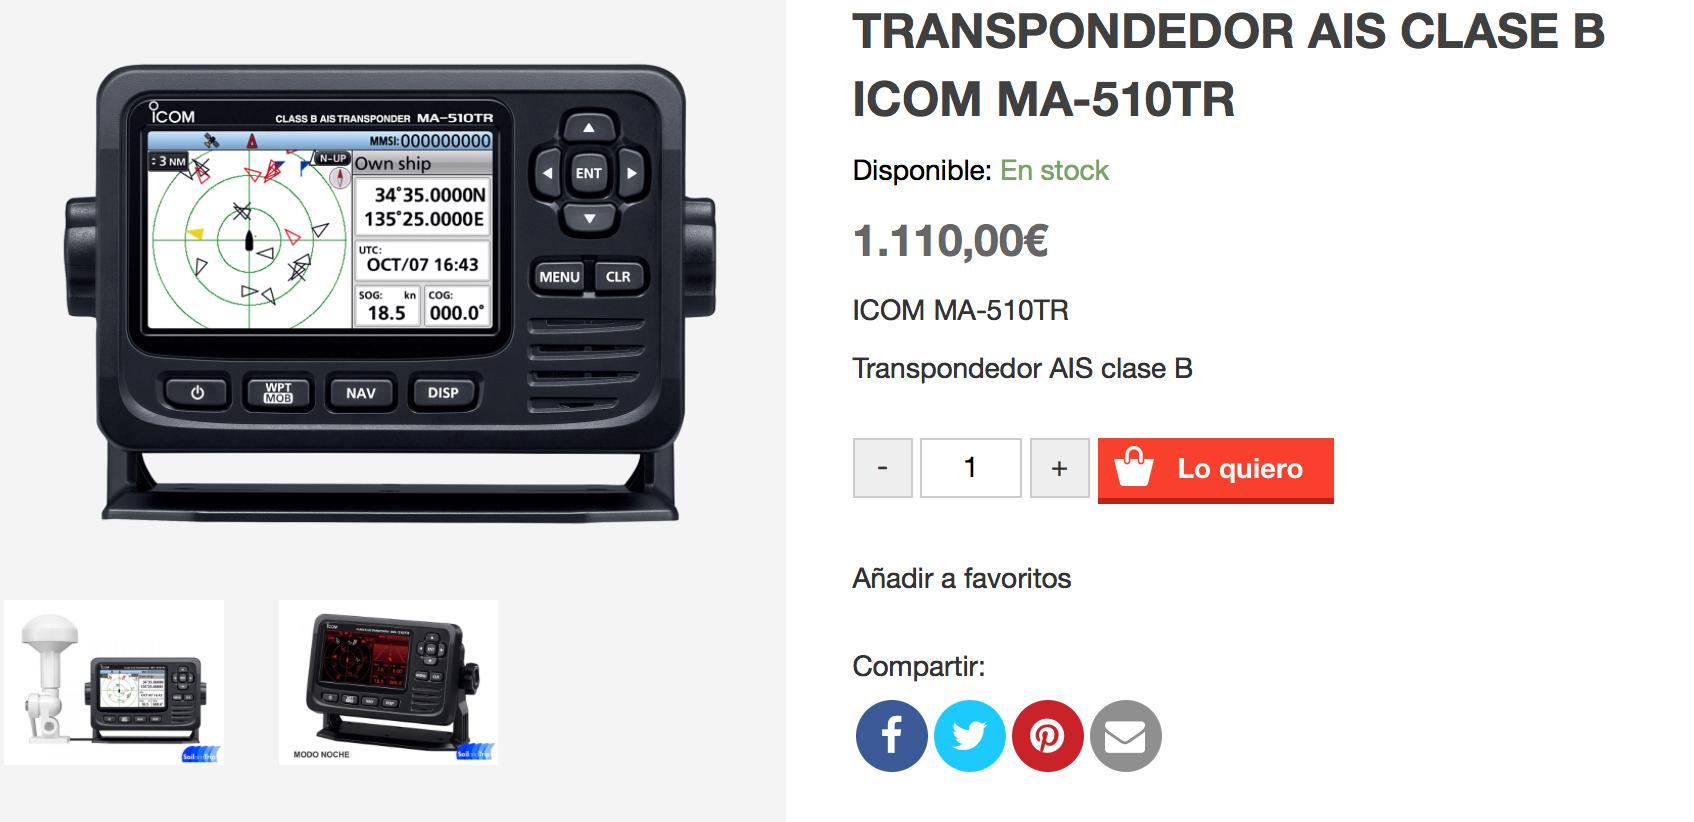 ICOM MA-510TR comprar